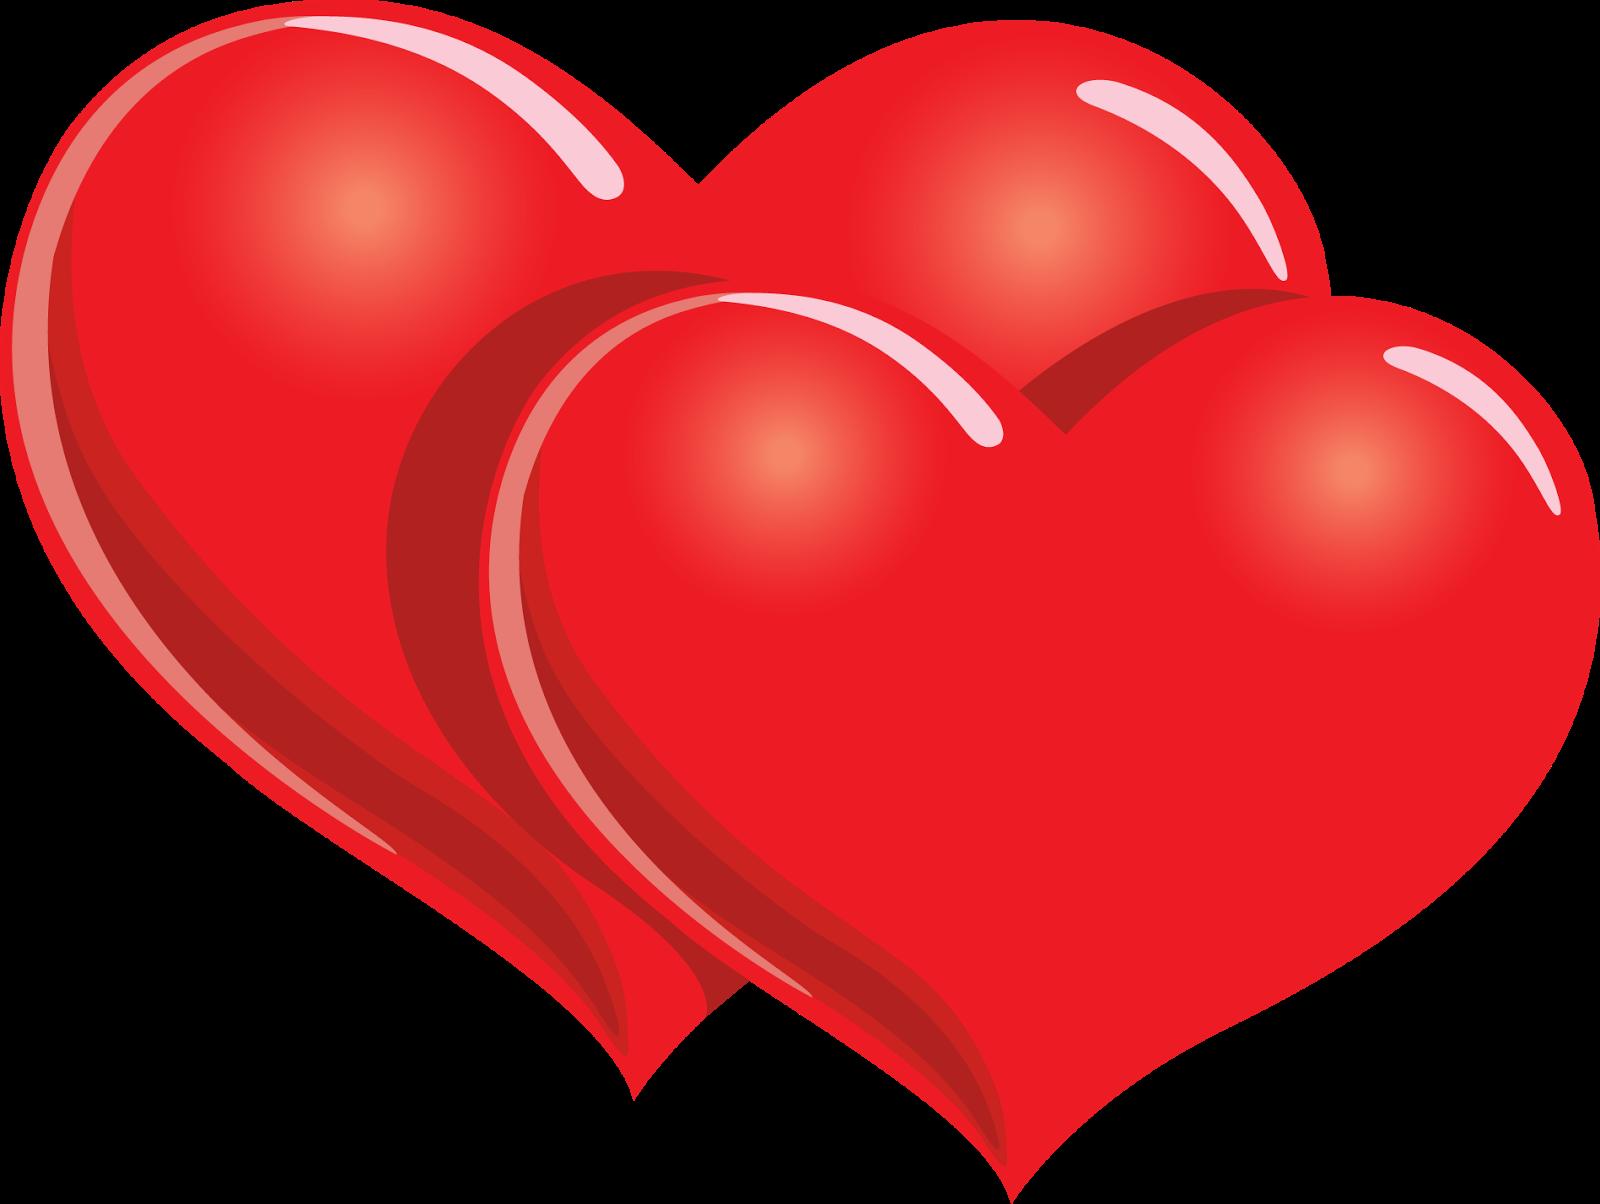 Valentine's Day, 2014 | HeadButler